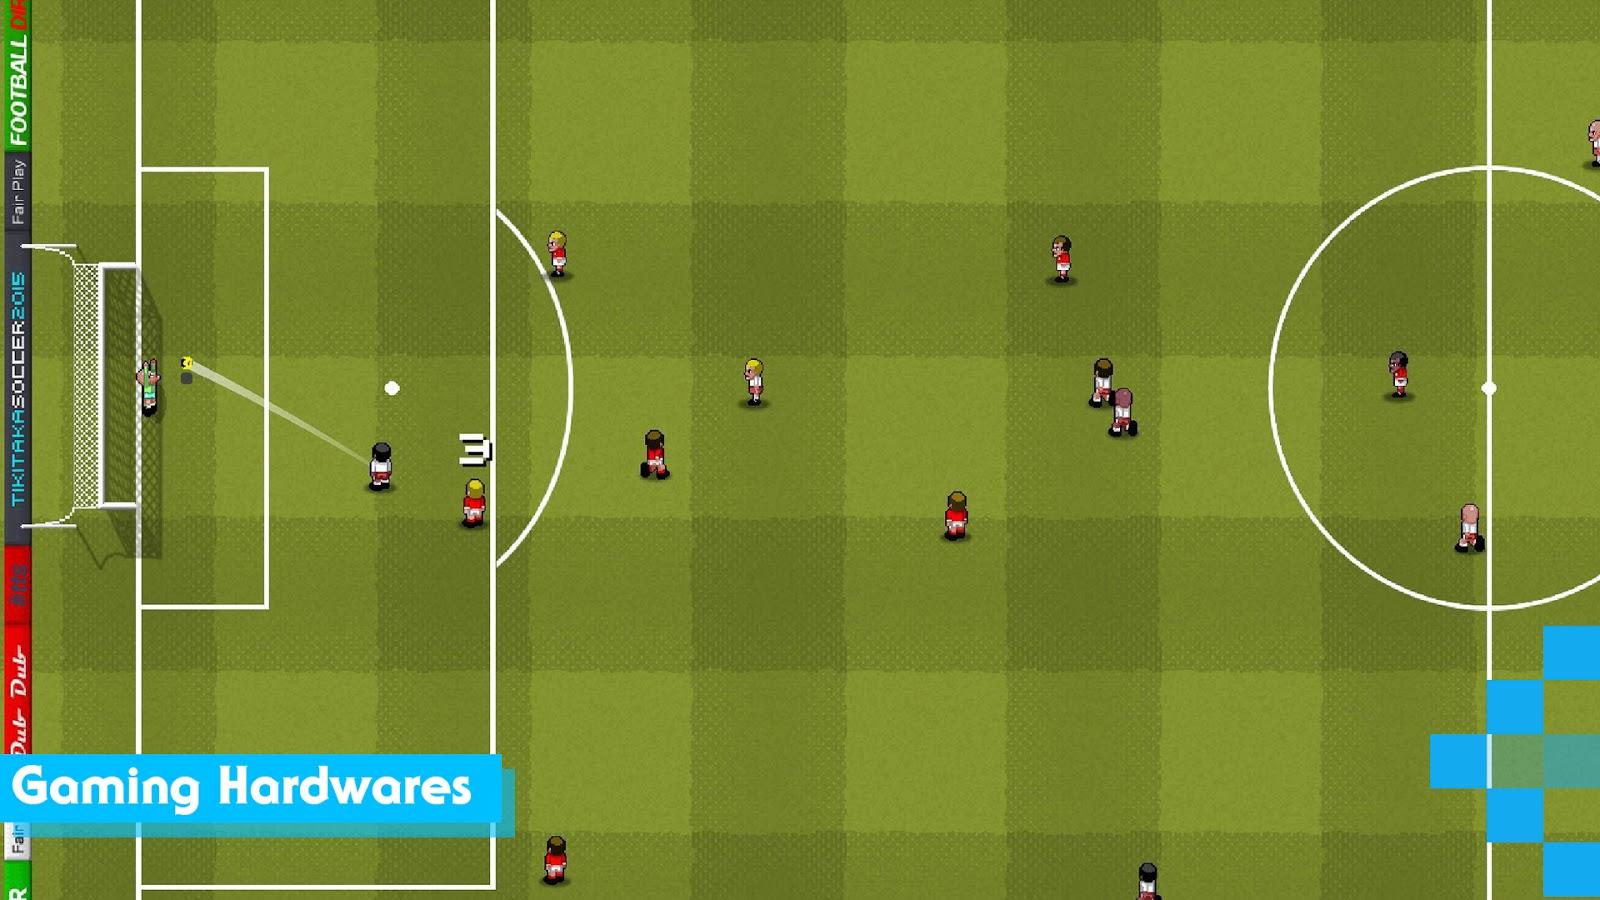 لعبة كرة القدم للأندرويد